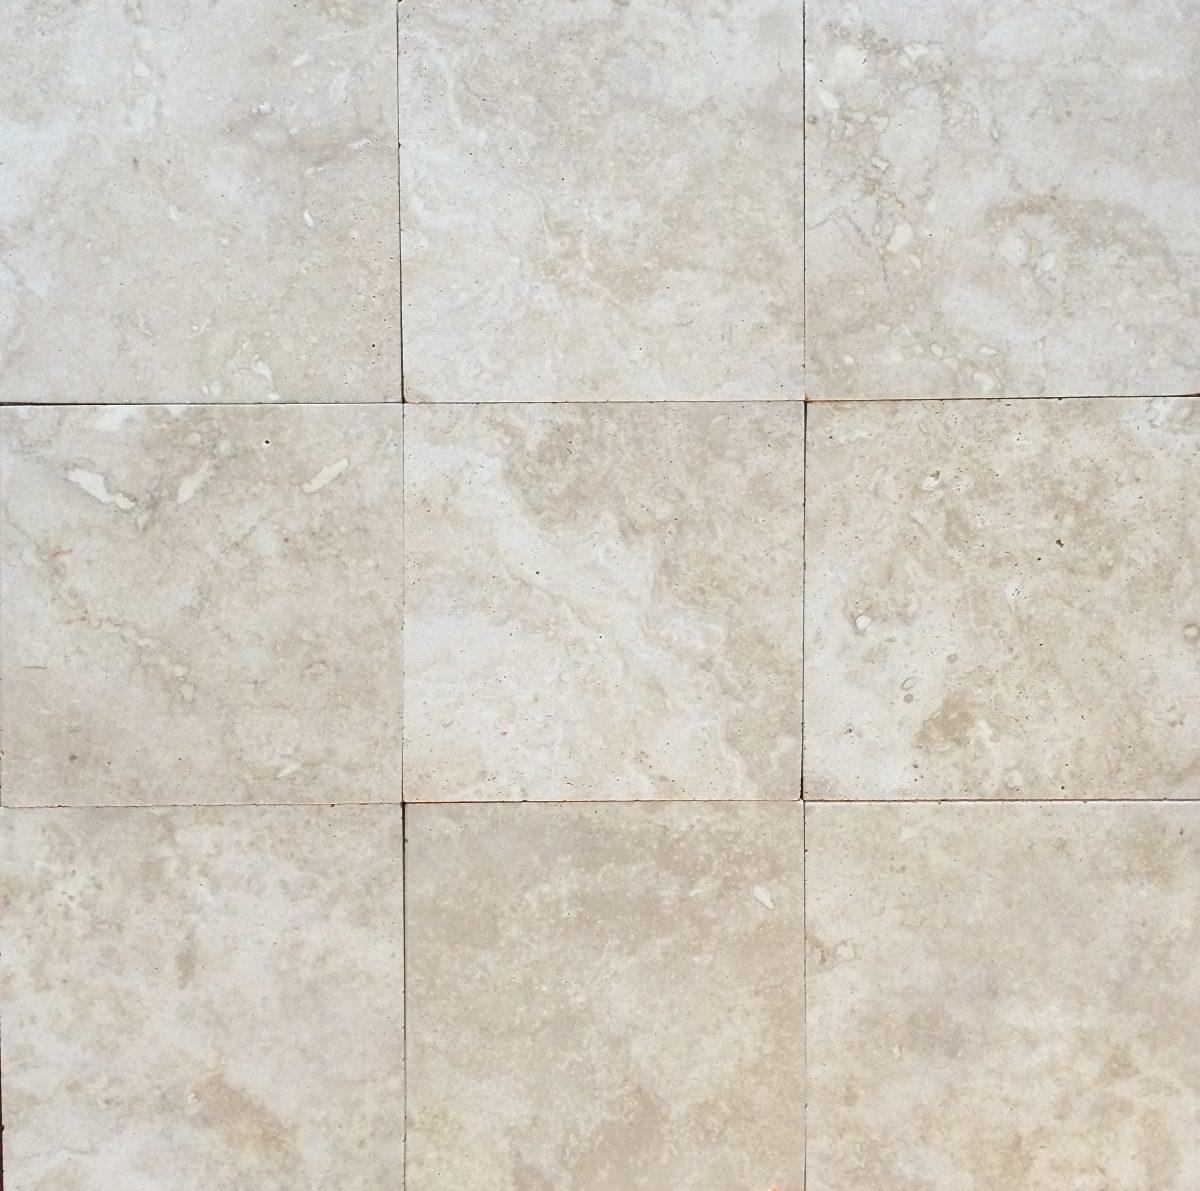 Piso marmol travertino amaretto 30x30 honeado mate 260 for Marmol de travertino